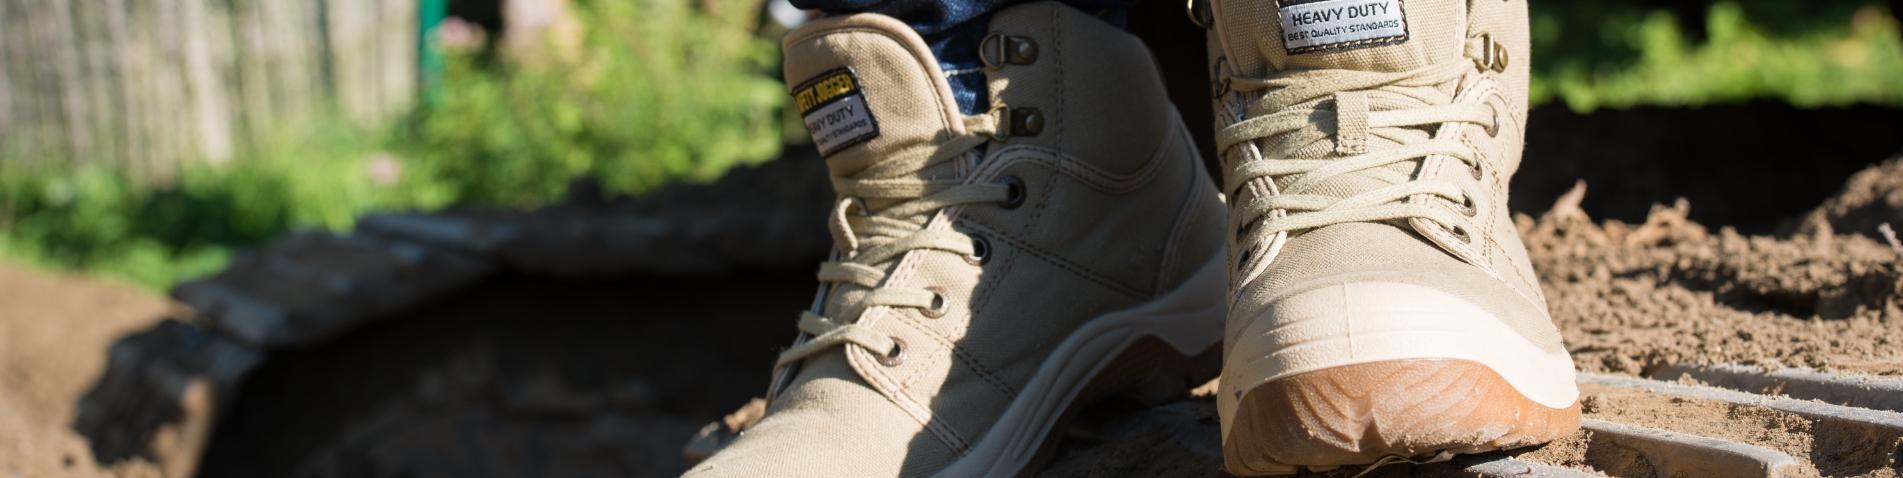 Goede Werkschoenen Voor Horeca.Halfhoge Werkschoenen Kopen